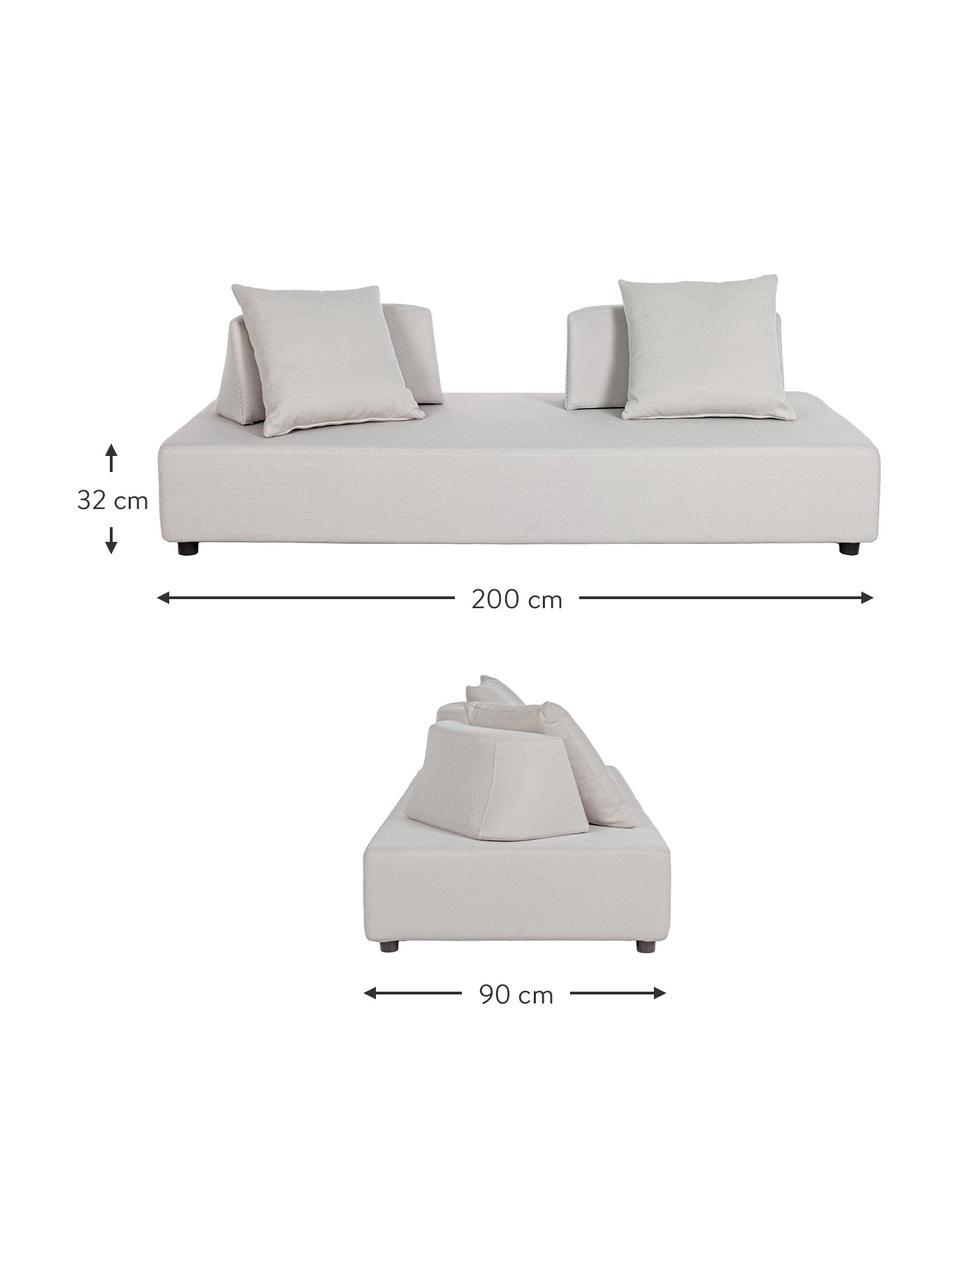 Sofa wypoczynkowa Piper, Odcienie piaskowego, S 200 x G 90 cm